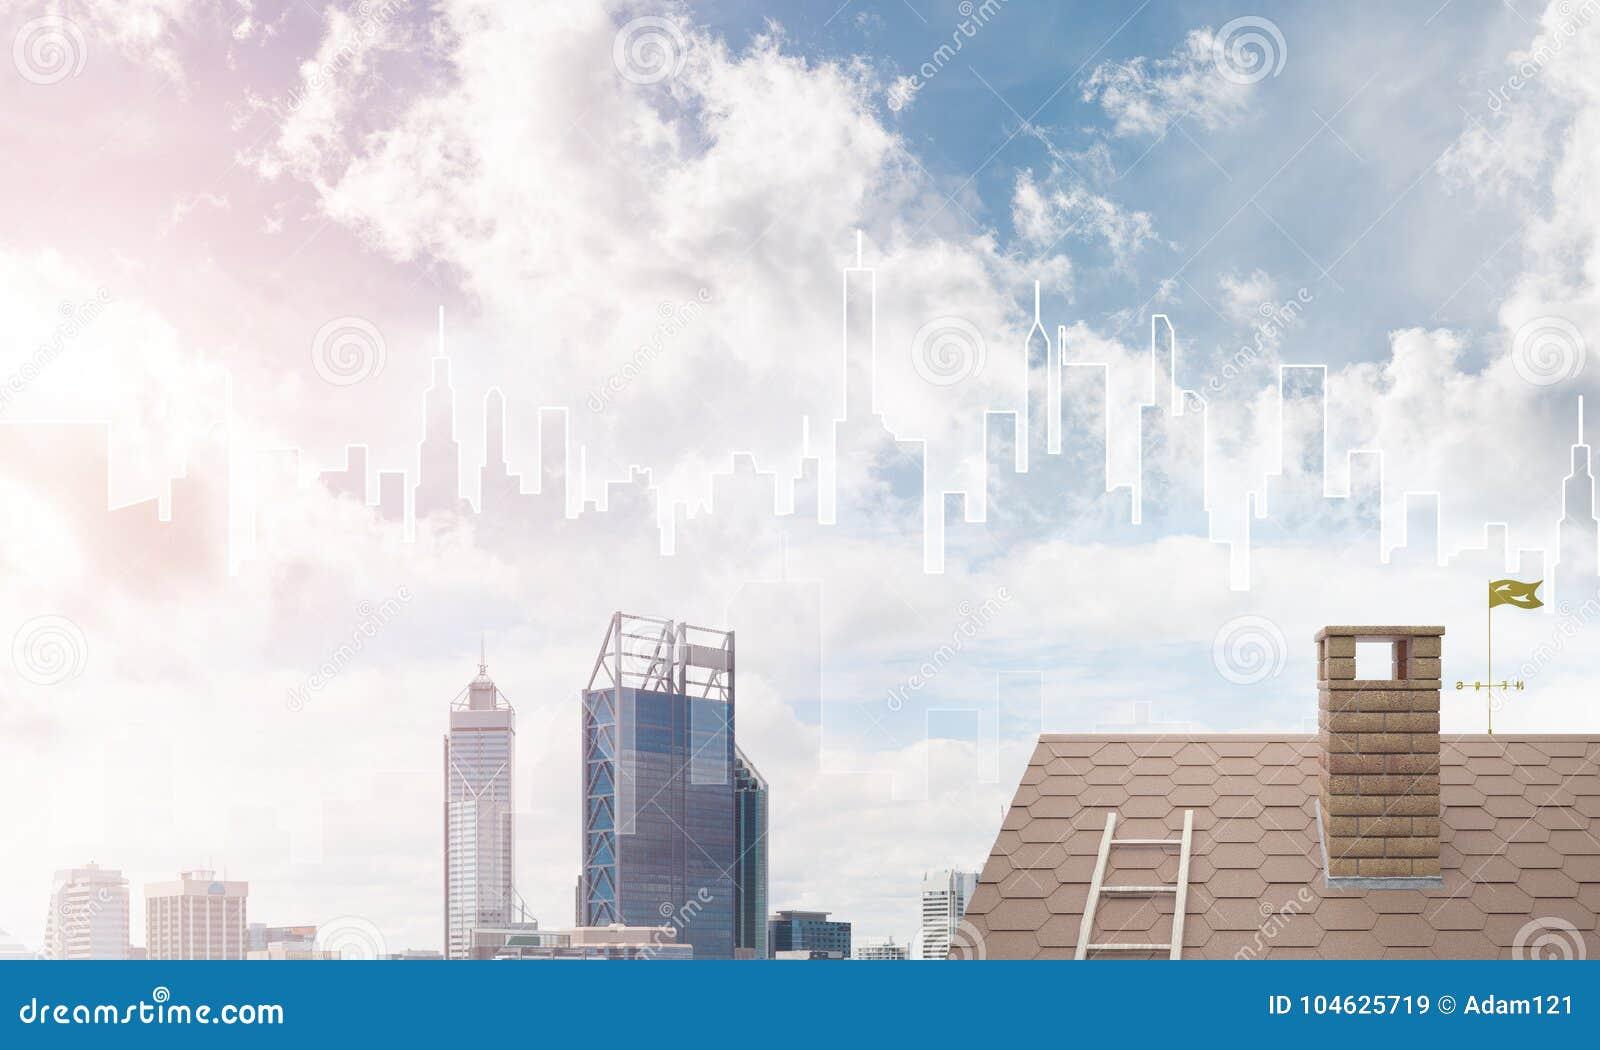 Download Concept Onroerende Goederen En Bouw Met Getrokken Silhouet Op Grote Stadsachtergrond Stock Afbeelding - Afbeelding bestaande uit architectuur, huis: 104625719